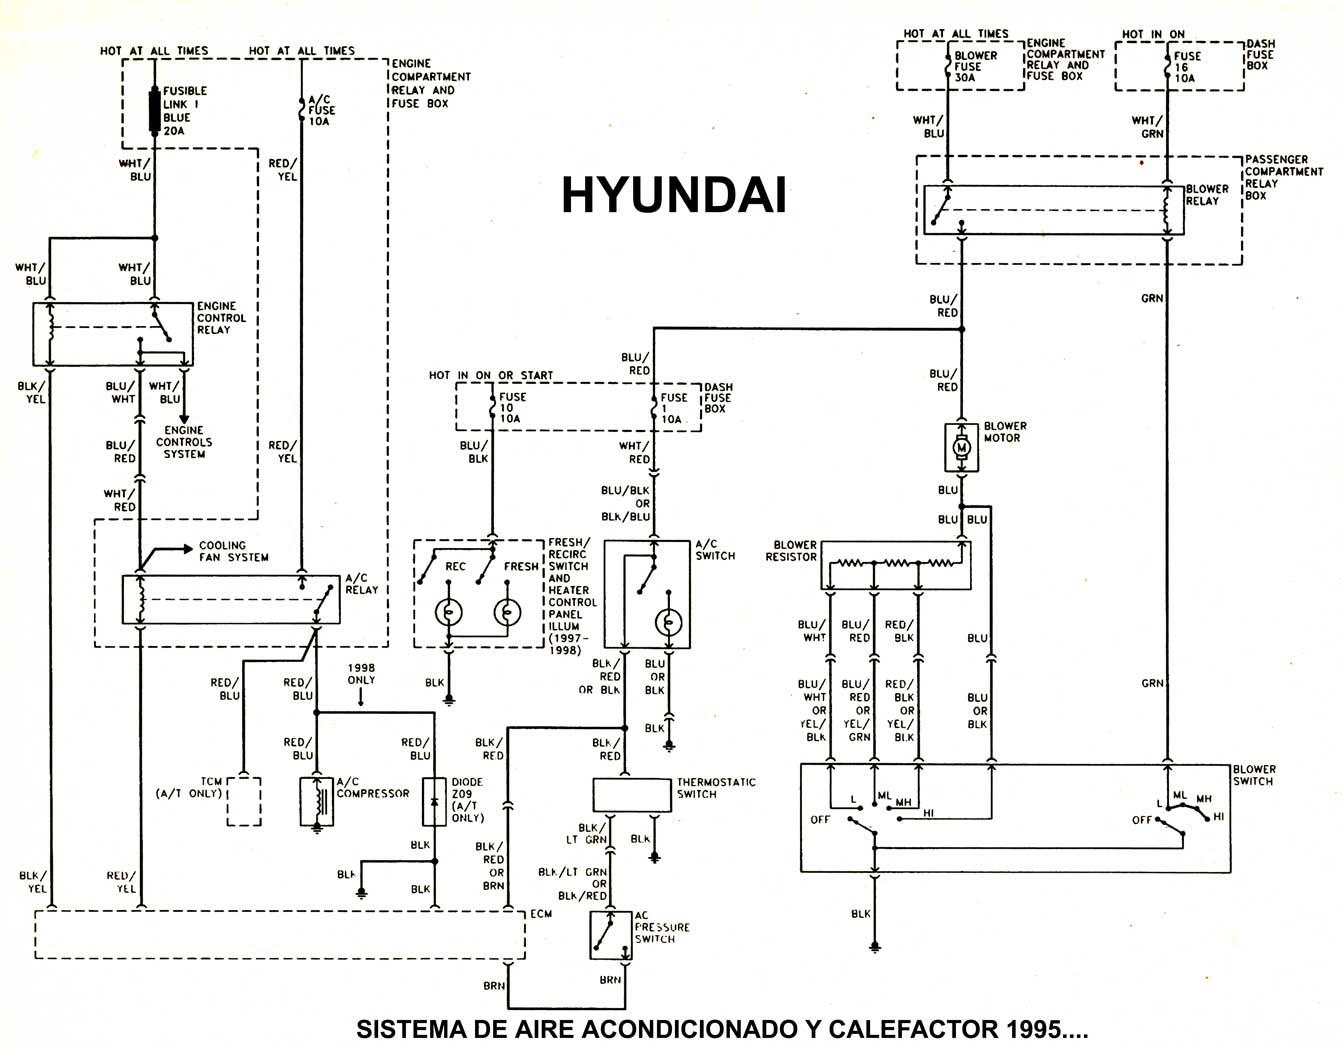 Hyundai Esquemas Diagramas Graphics